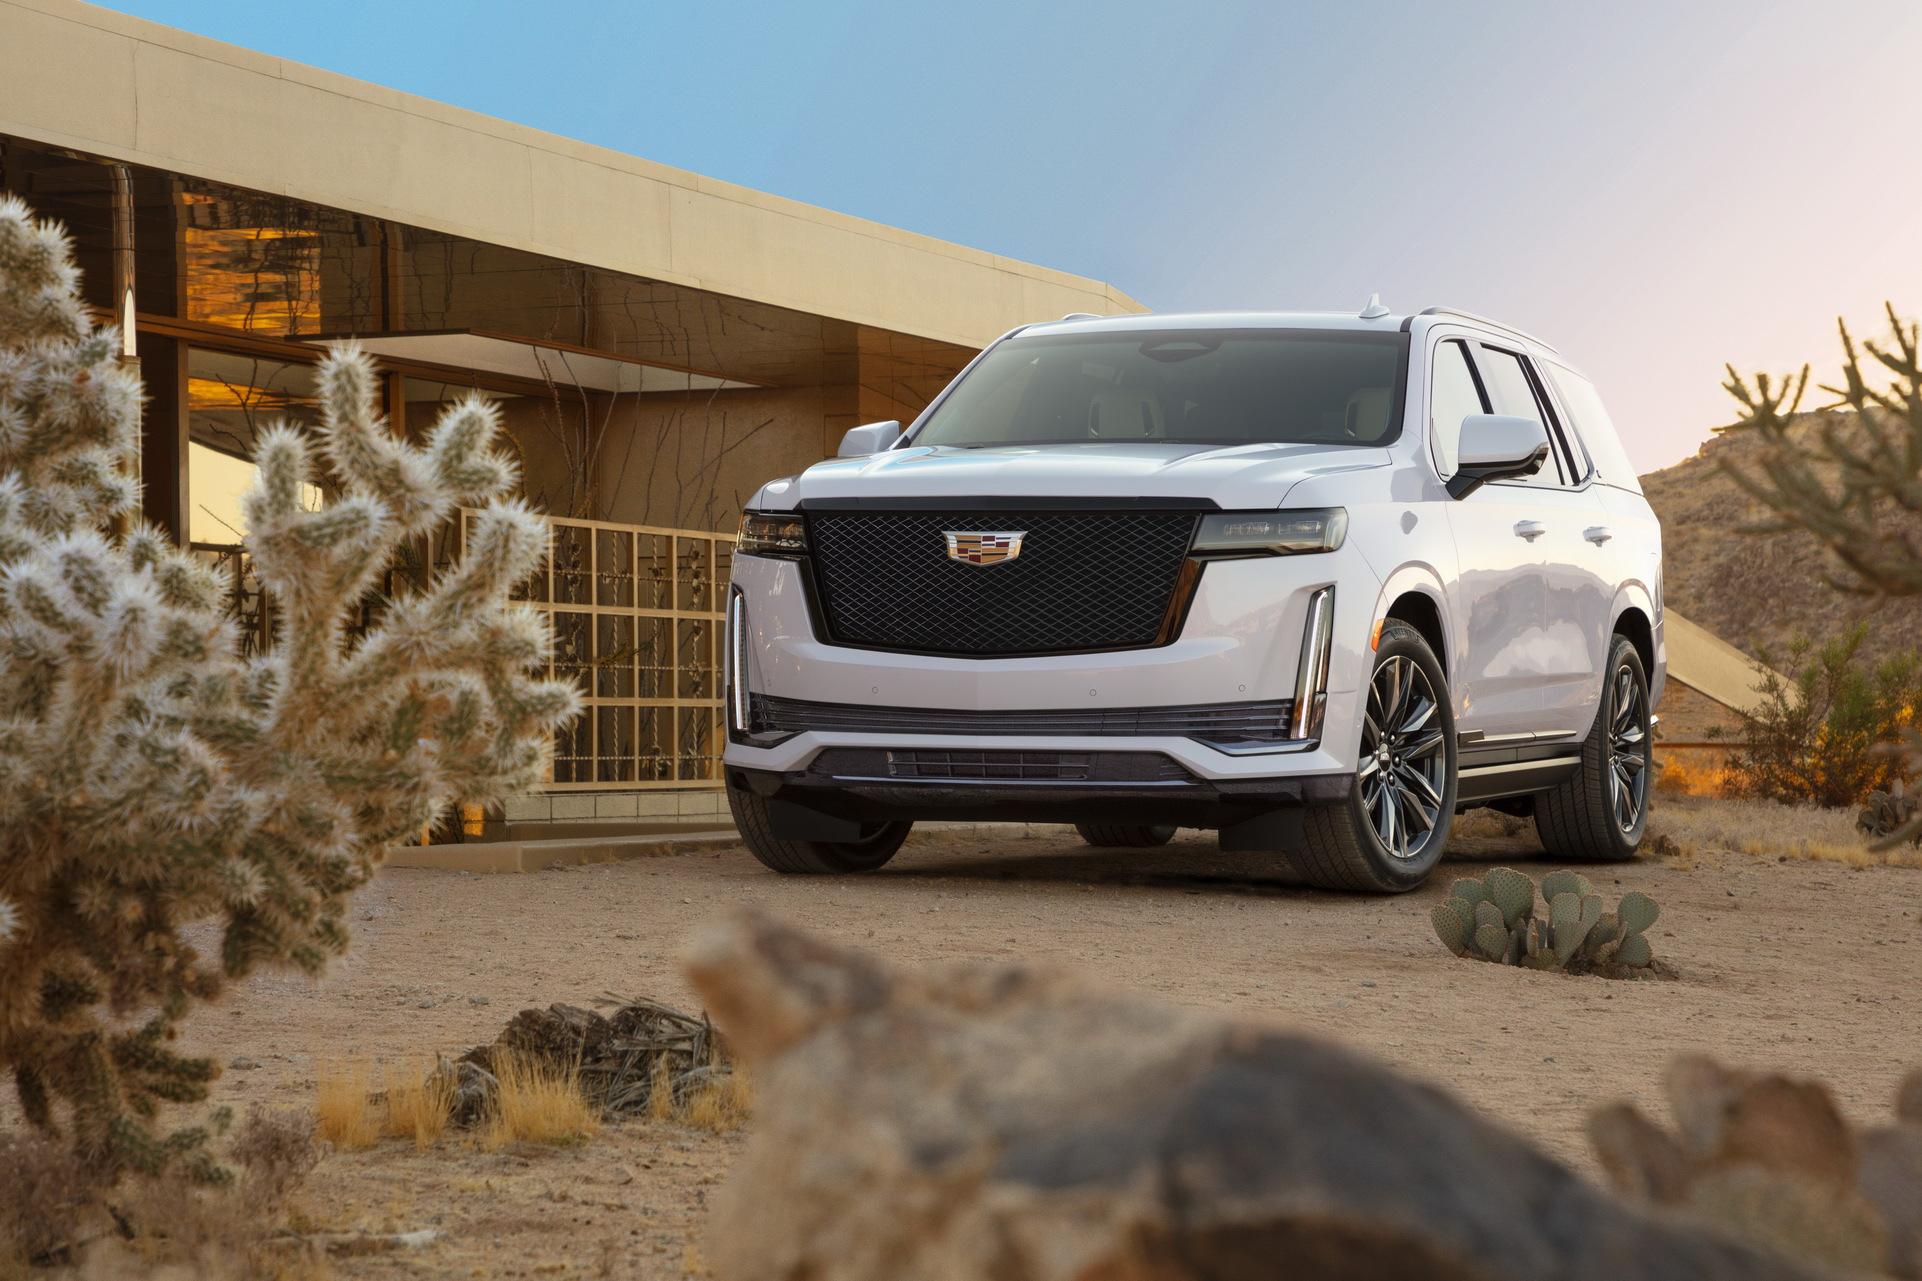 Cadillac escalade в новом исполнении стал доступен в РФ